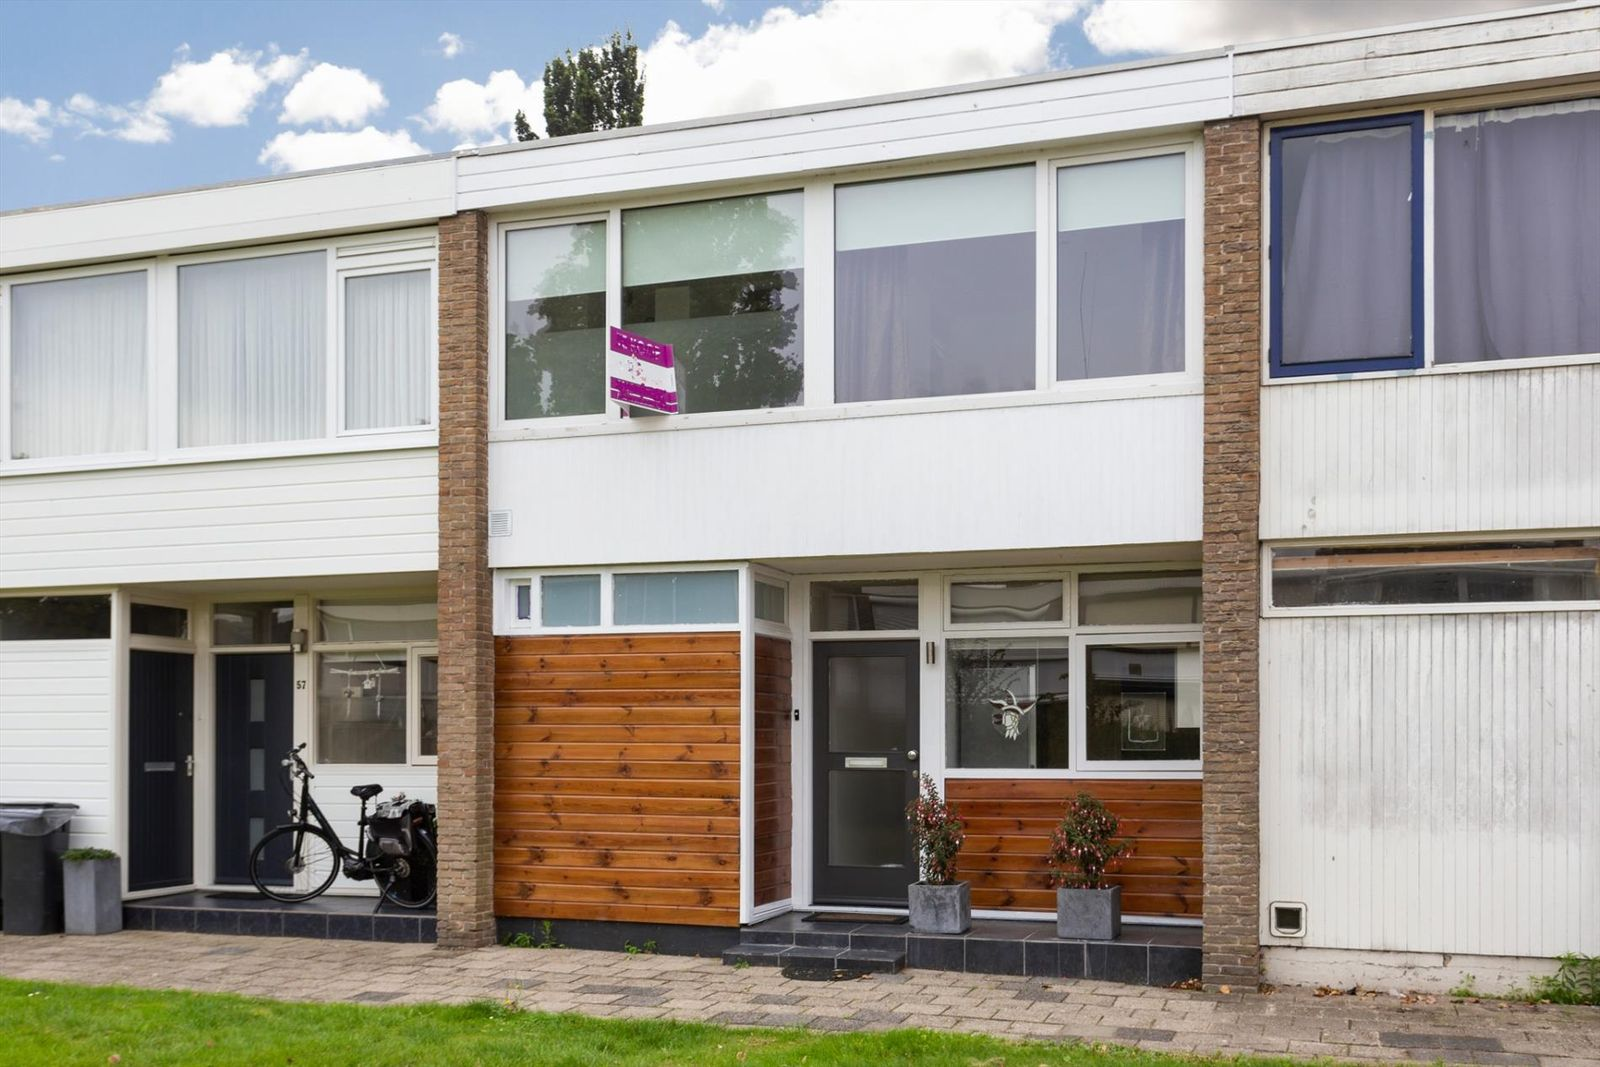 Norbartlaan 55, Roosendaal